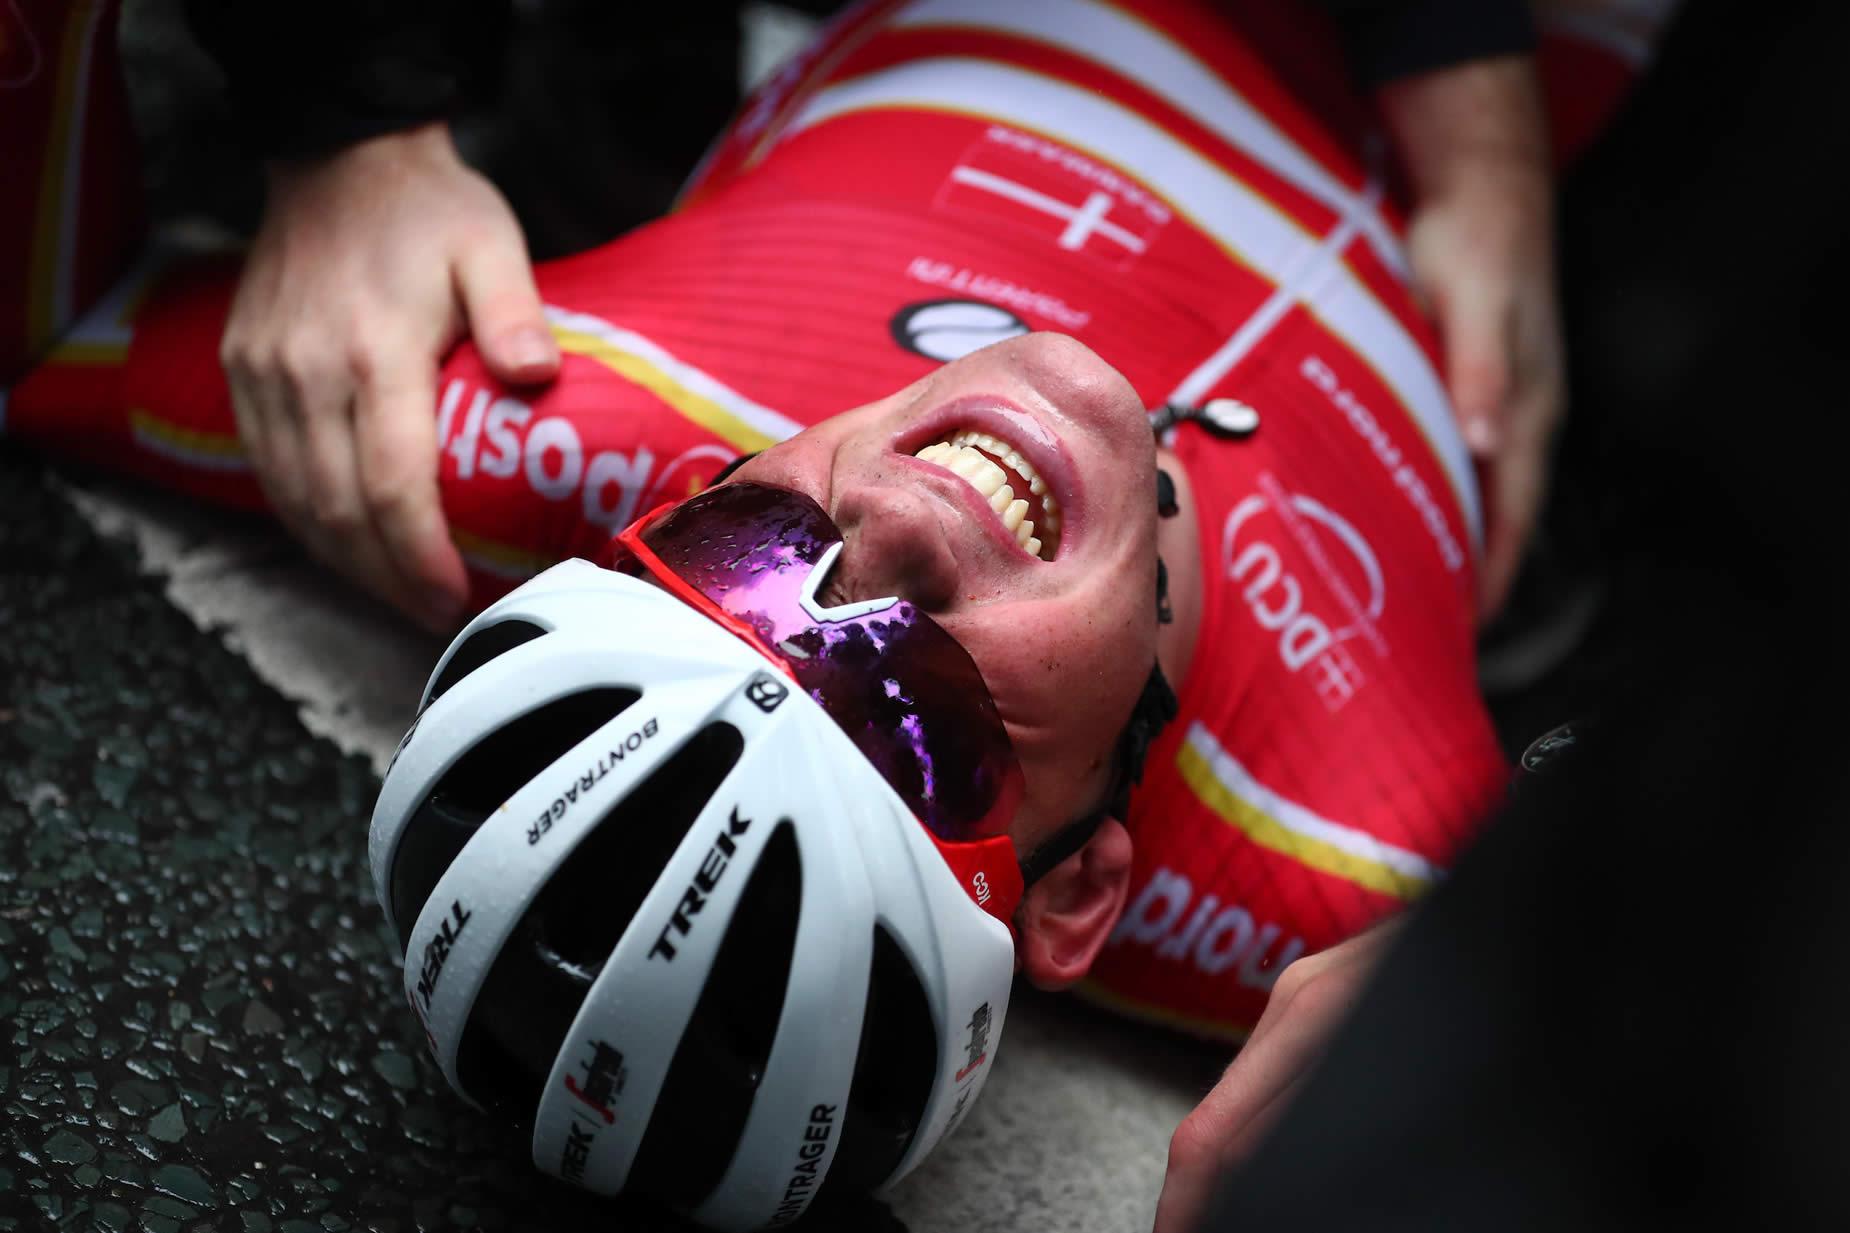 Cyklistika je vyčerpávající. Pokud úvodní tréninky přeženete, rozhodně tělu neuděláte dobrou službu.